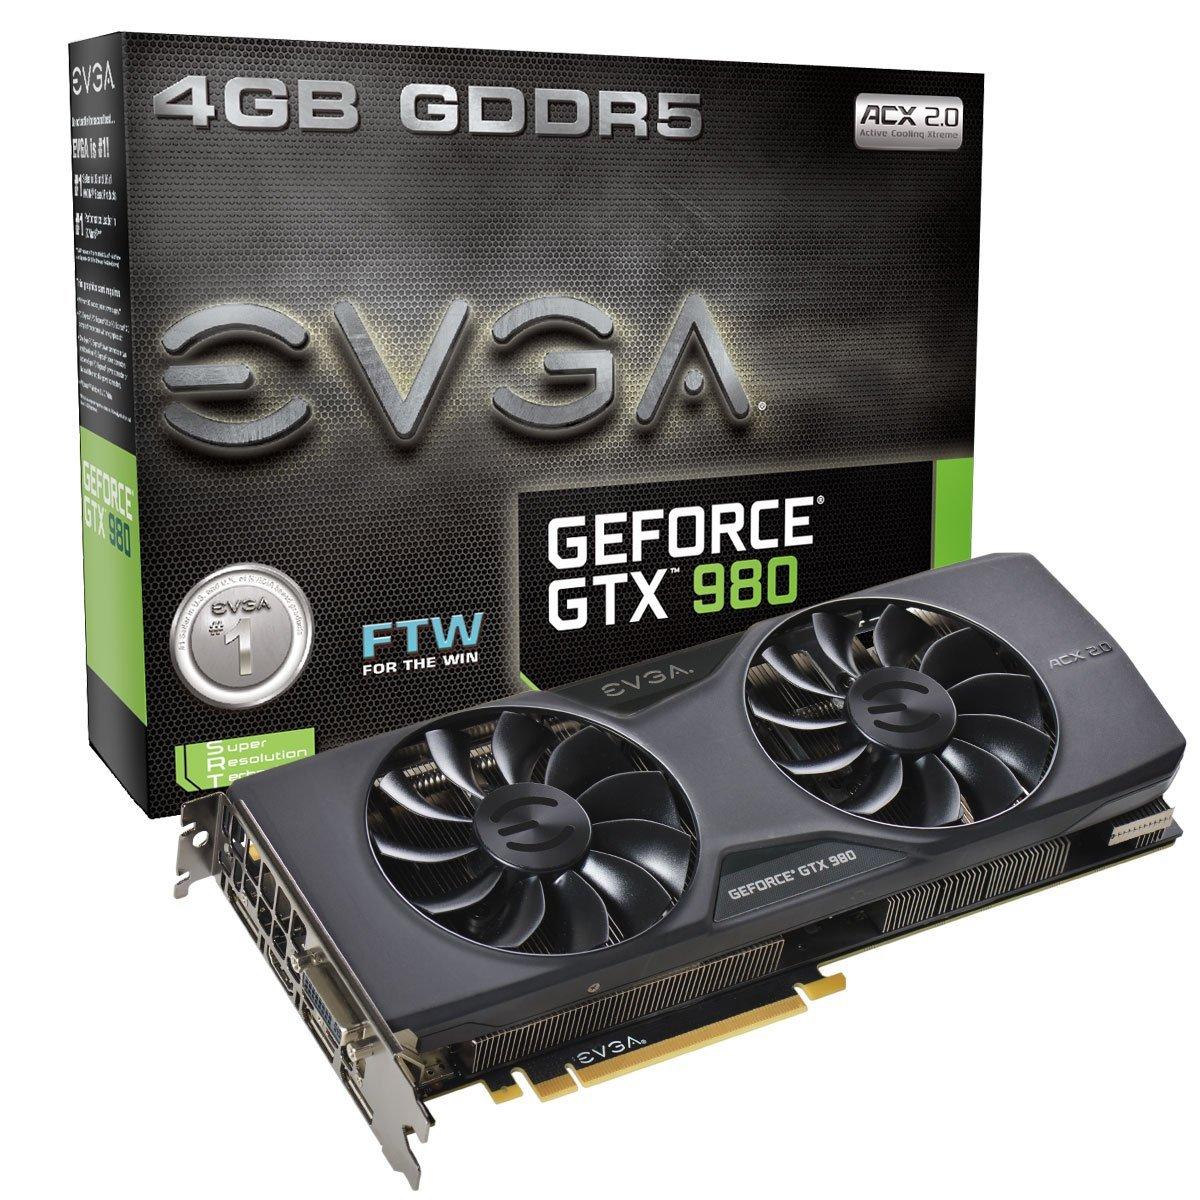 EVGA GeForce GTX 980 4GB FTW ACX 2.0 ($481 w/ Promo Code: NVEVGASALEGTX after $10 MIR) @Newegg